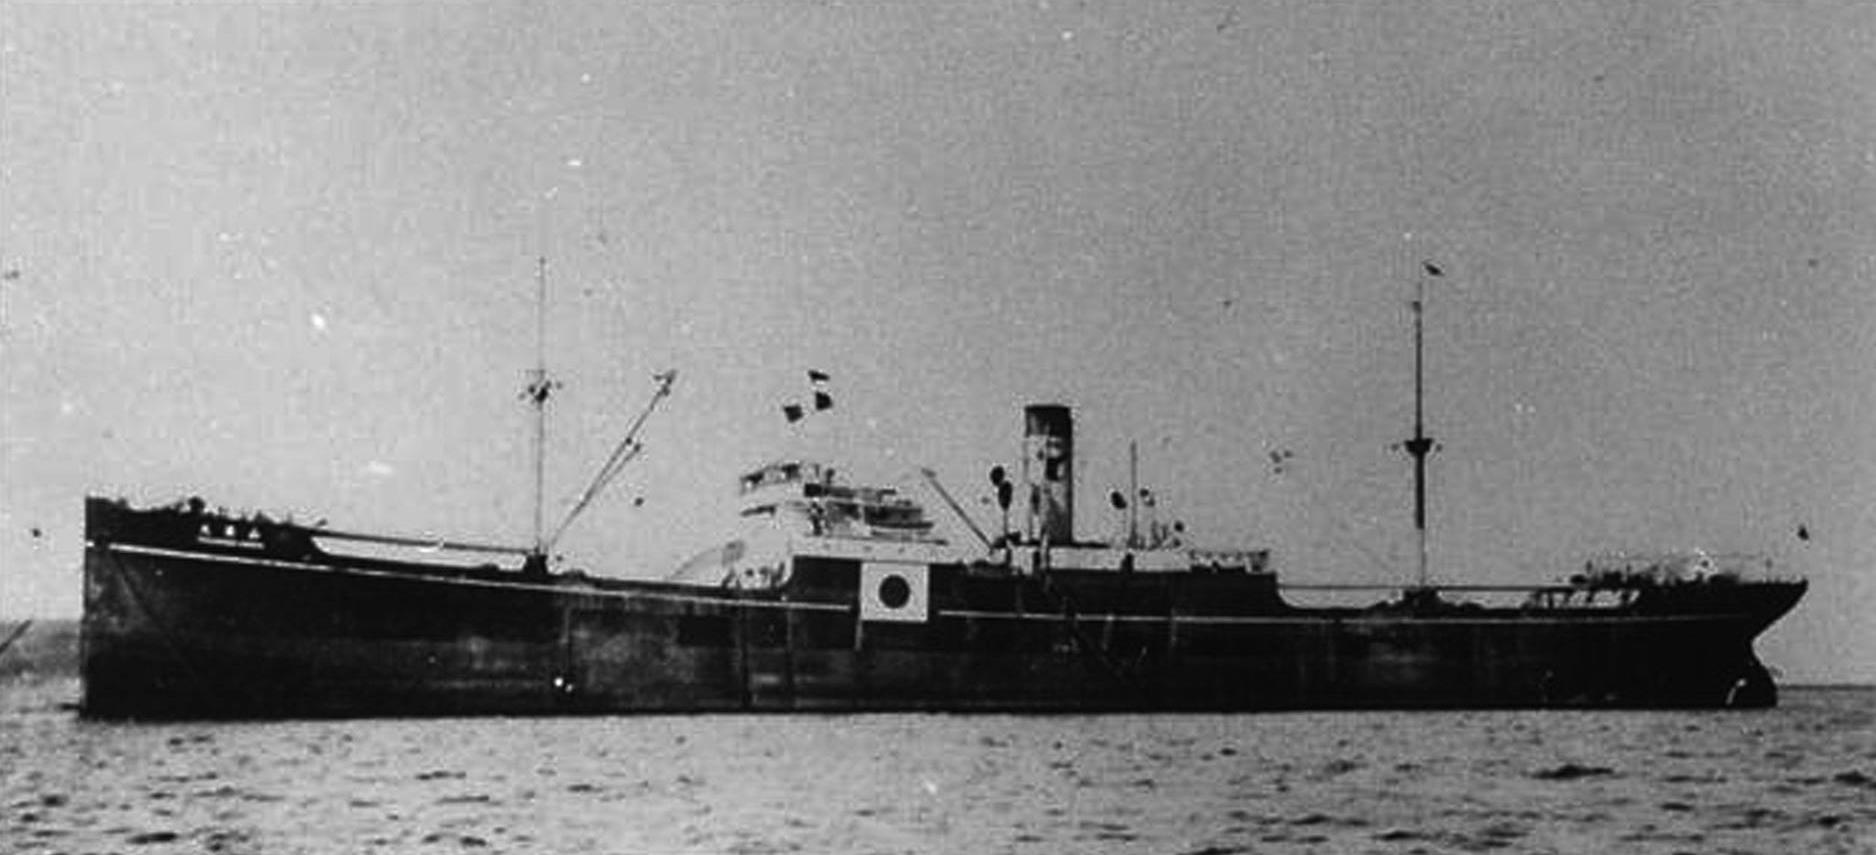 日本運輸船山藤丸, 1942 年 10 月 19 日沉沒於澎湖外海。但耐人尋味的是,美國表示該船是由美國潛艇「長鬚鯨號」以魚雷擊沉,但日方的記載卻是「觸礁」。臧振華表示,這種「各自表述」的情況在戰爭相關史料中經常可見。資料來源│臧振華提供